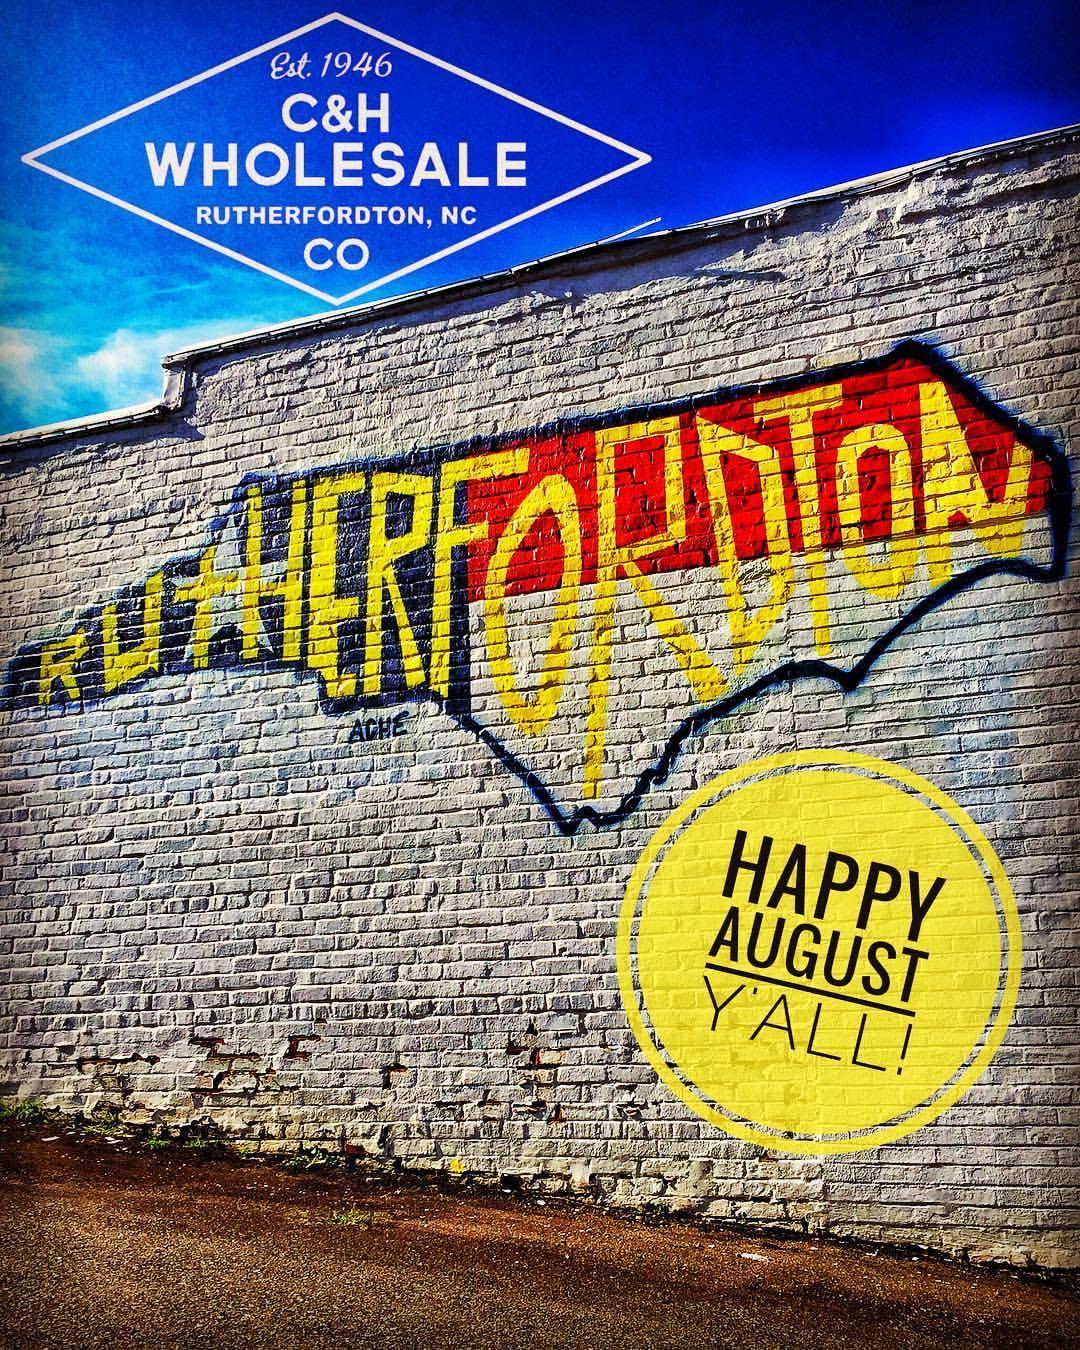 C&H Wholesale